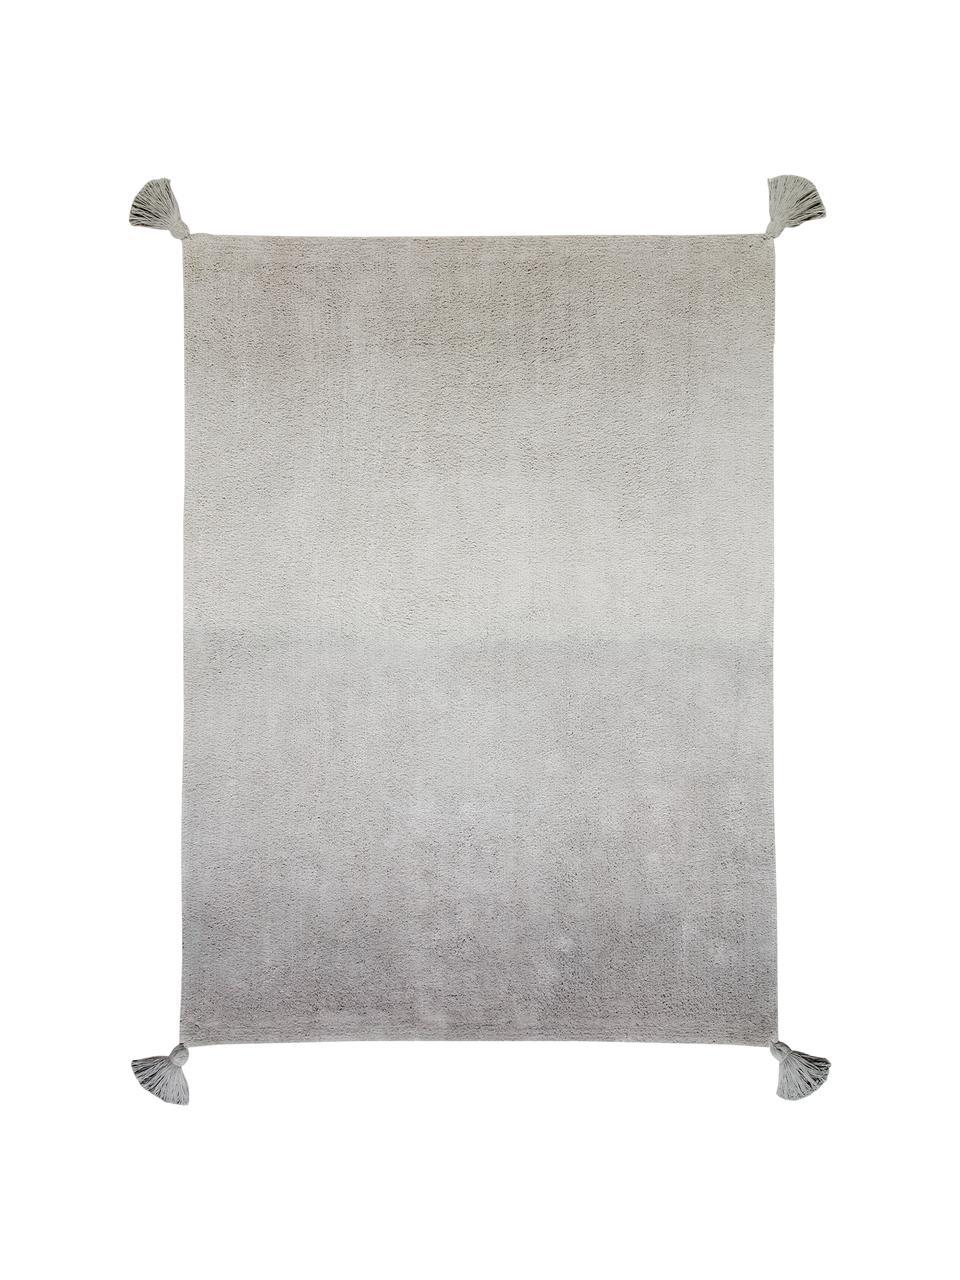 Waschbarer Baumwollteppich Degrade mit Quasten, Flor: 97% Baumwolle 3% Gemischt, Dunkelgrau, Hellgrau, B 120 x L 160 cm (Größe S)